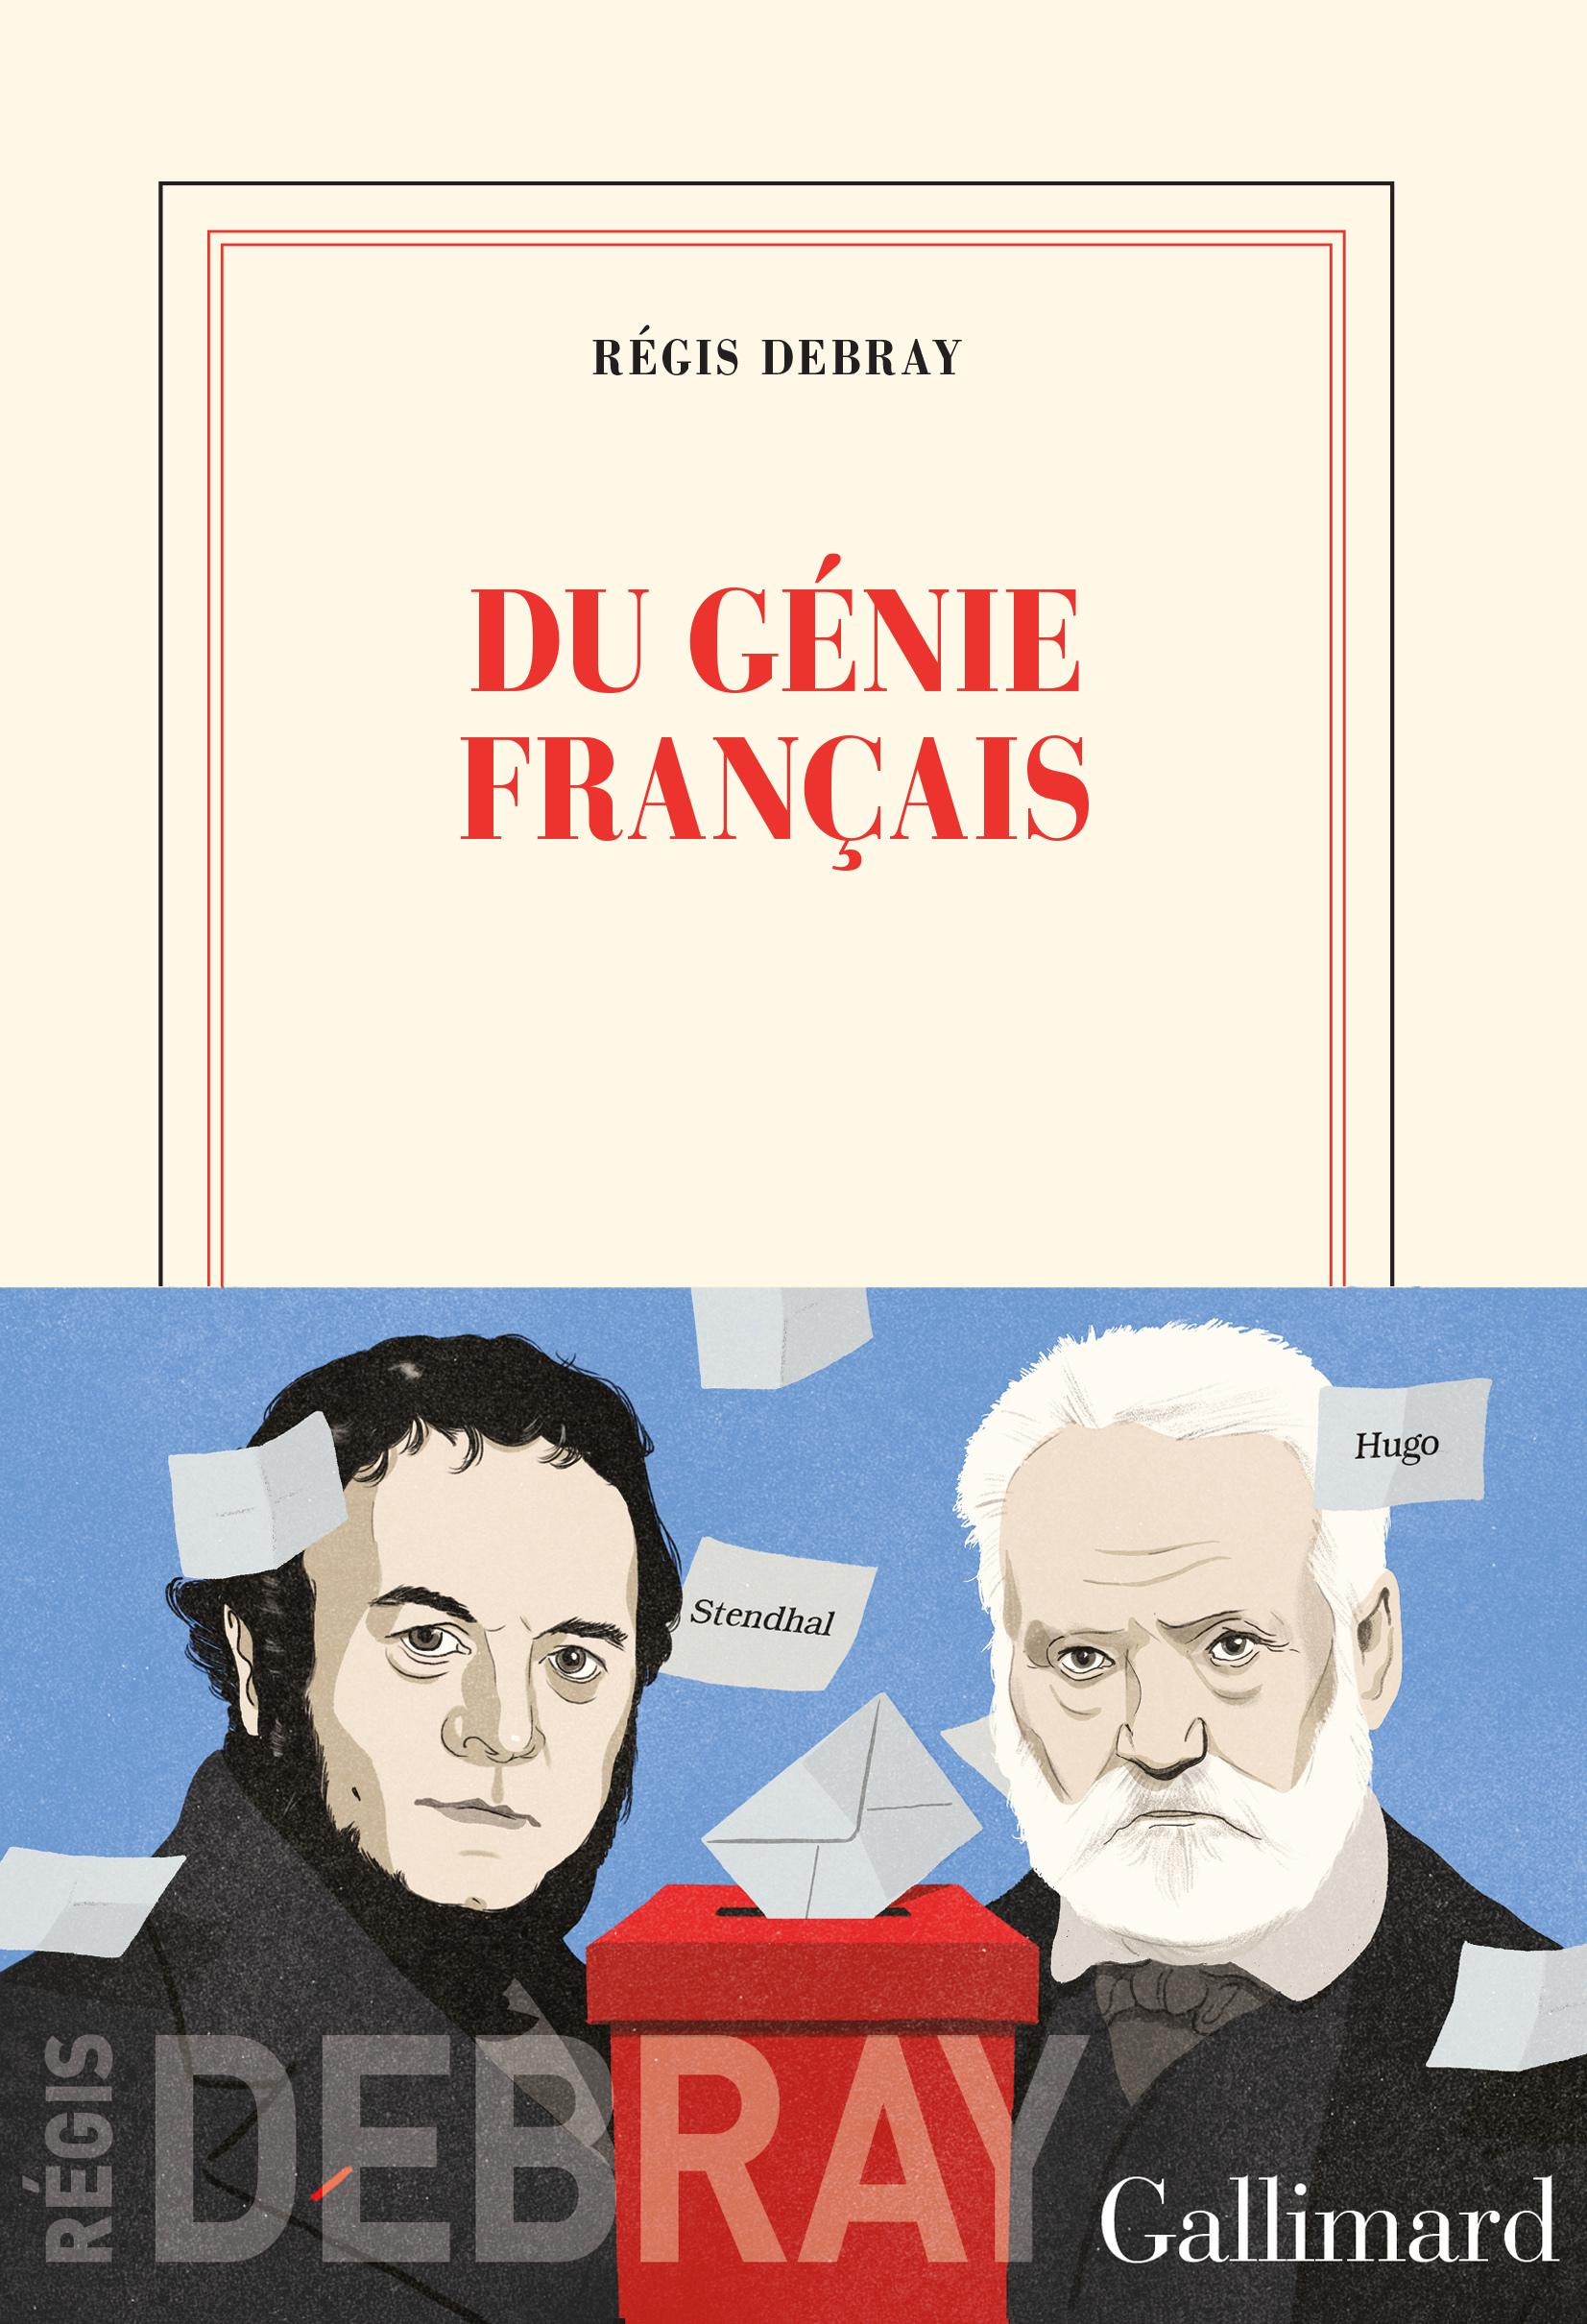 DU GENIE FRANCAIS